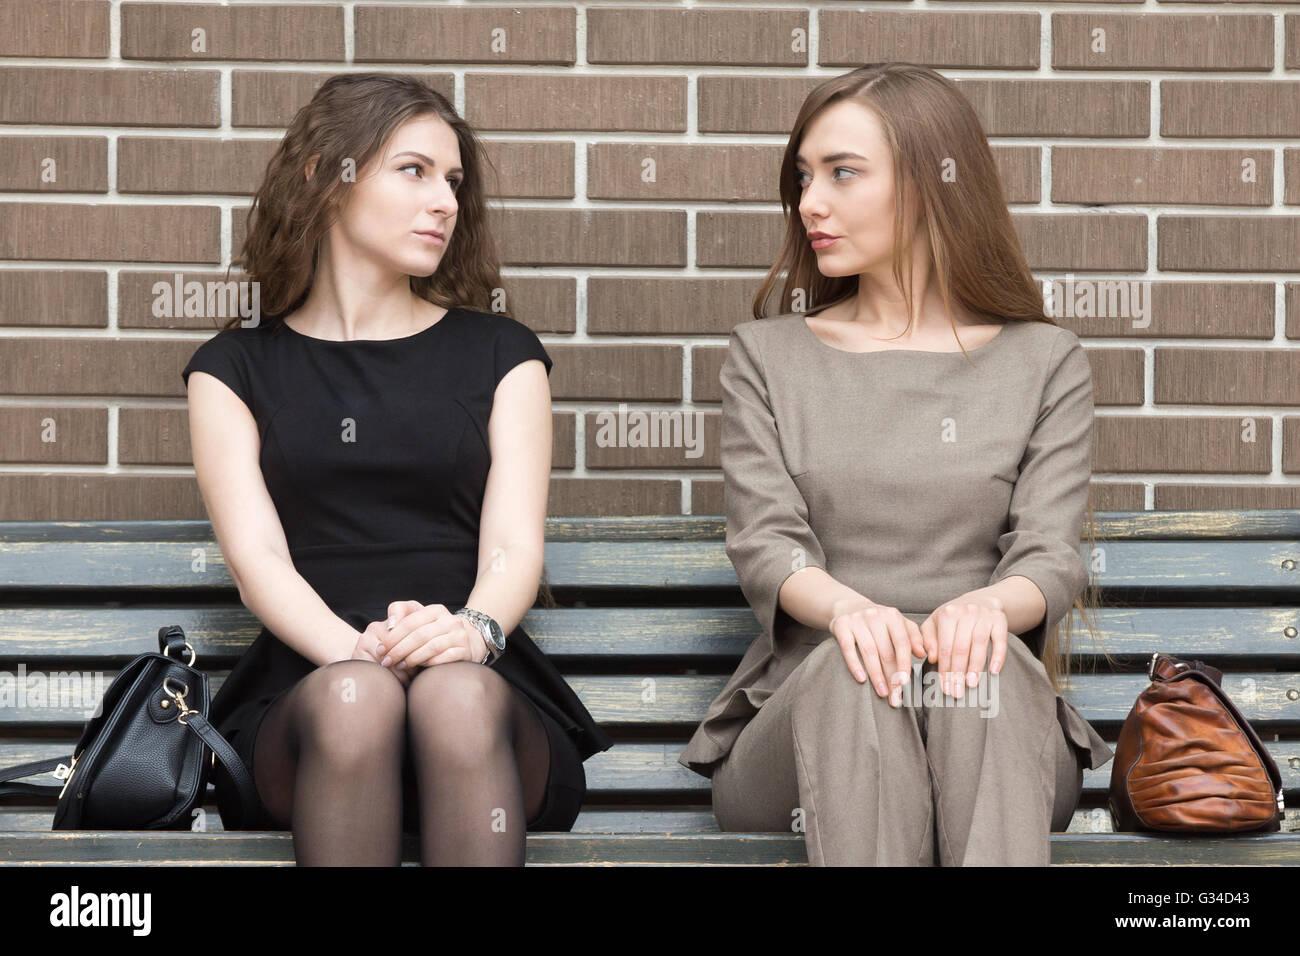 Ritratto di due belle giovani femmine rivali seduti fianco a fianco sul banco e guardando ogni altra con impegnativo Immagini Stock